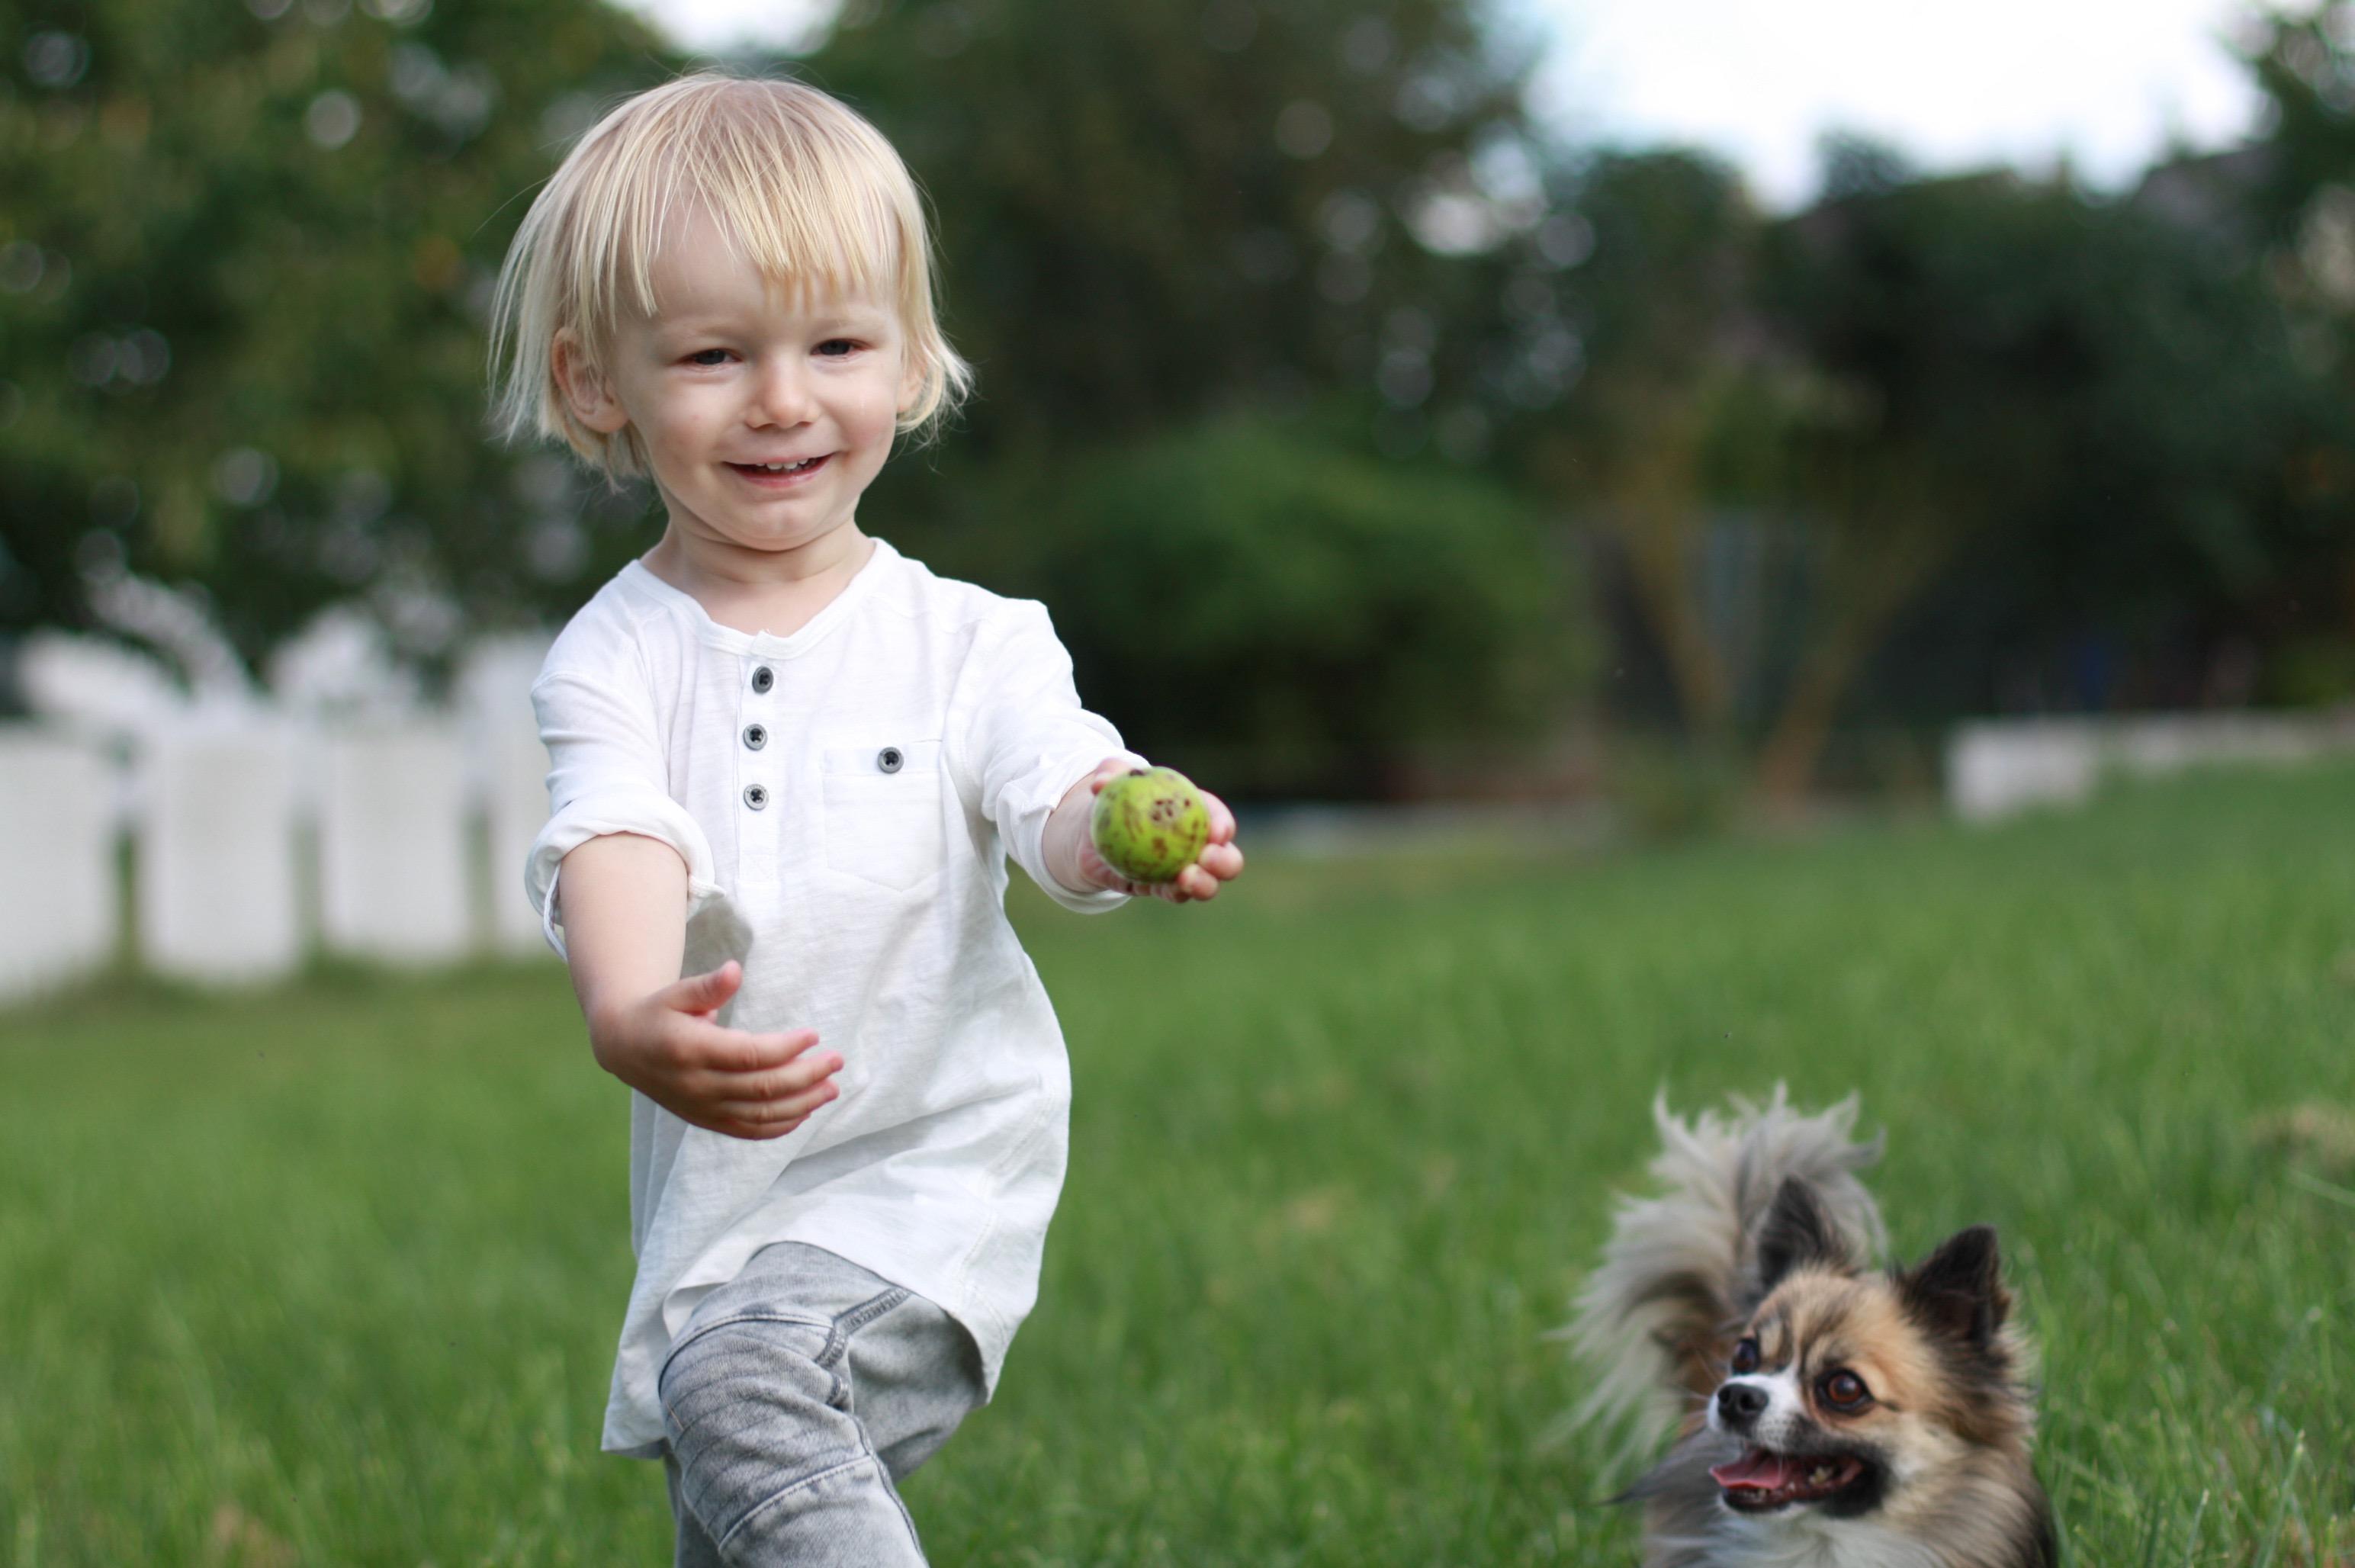 #MamiMitWort fünf Dinge, die ich von meinem Kind lernen kann